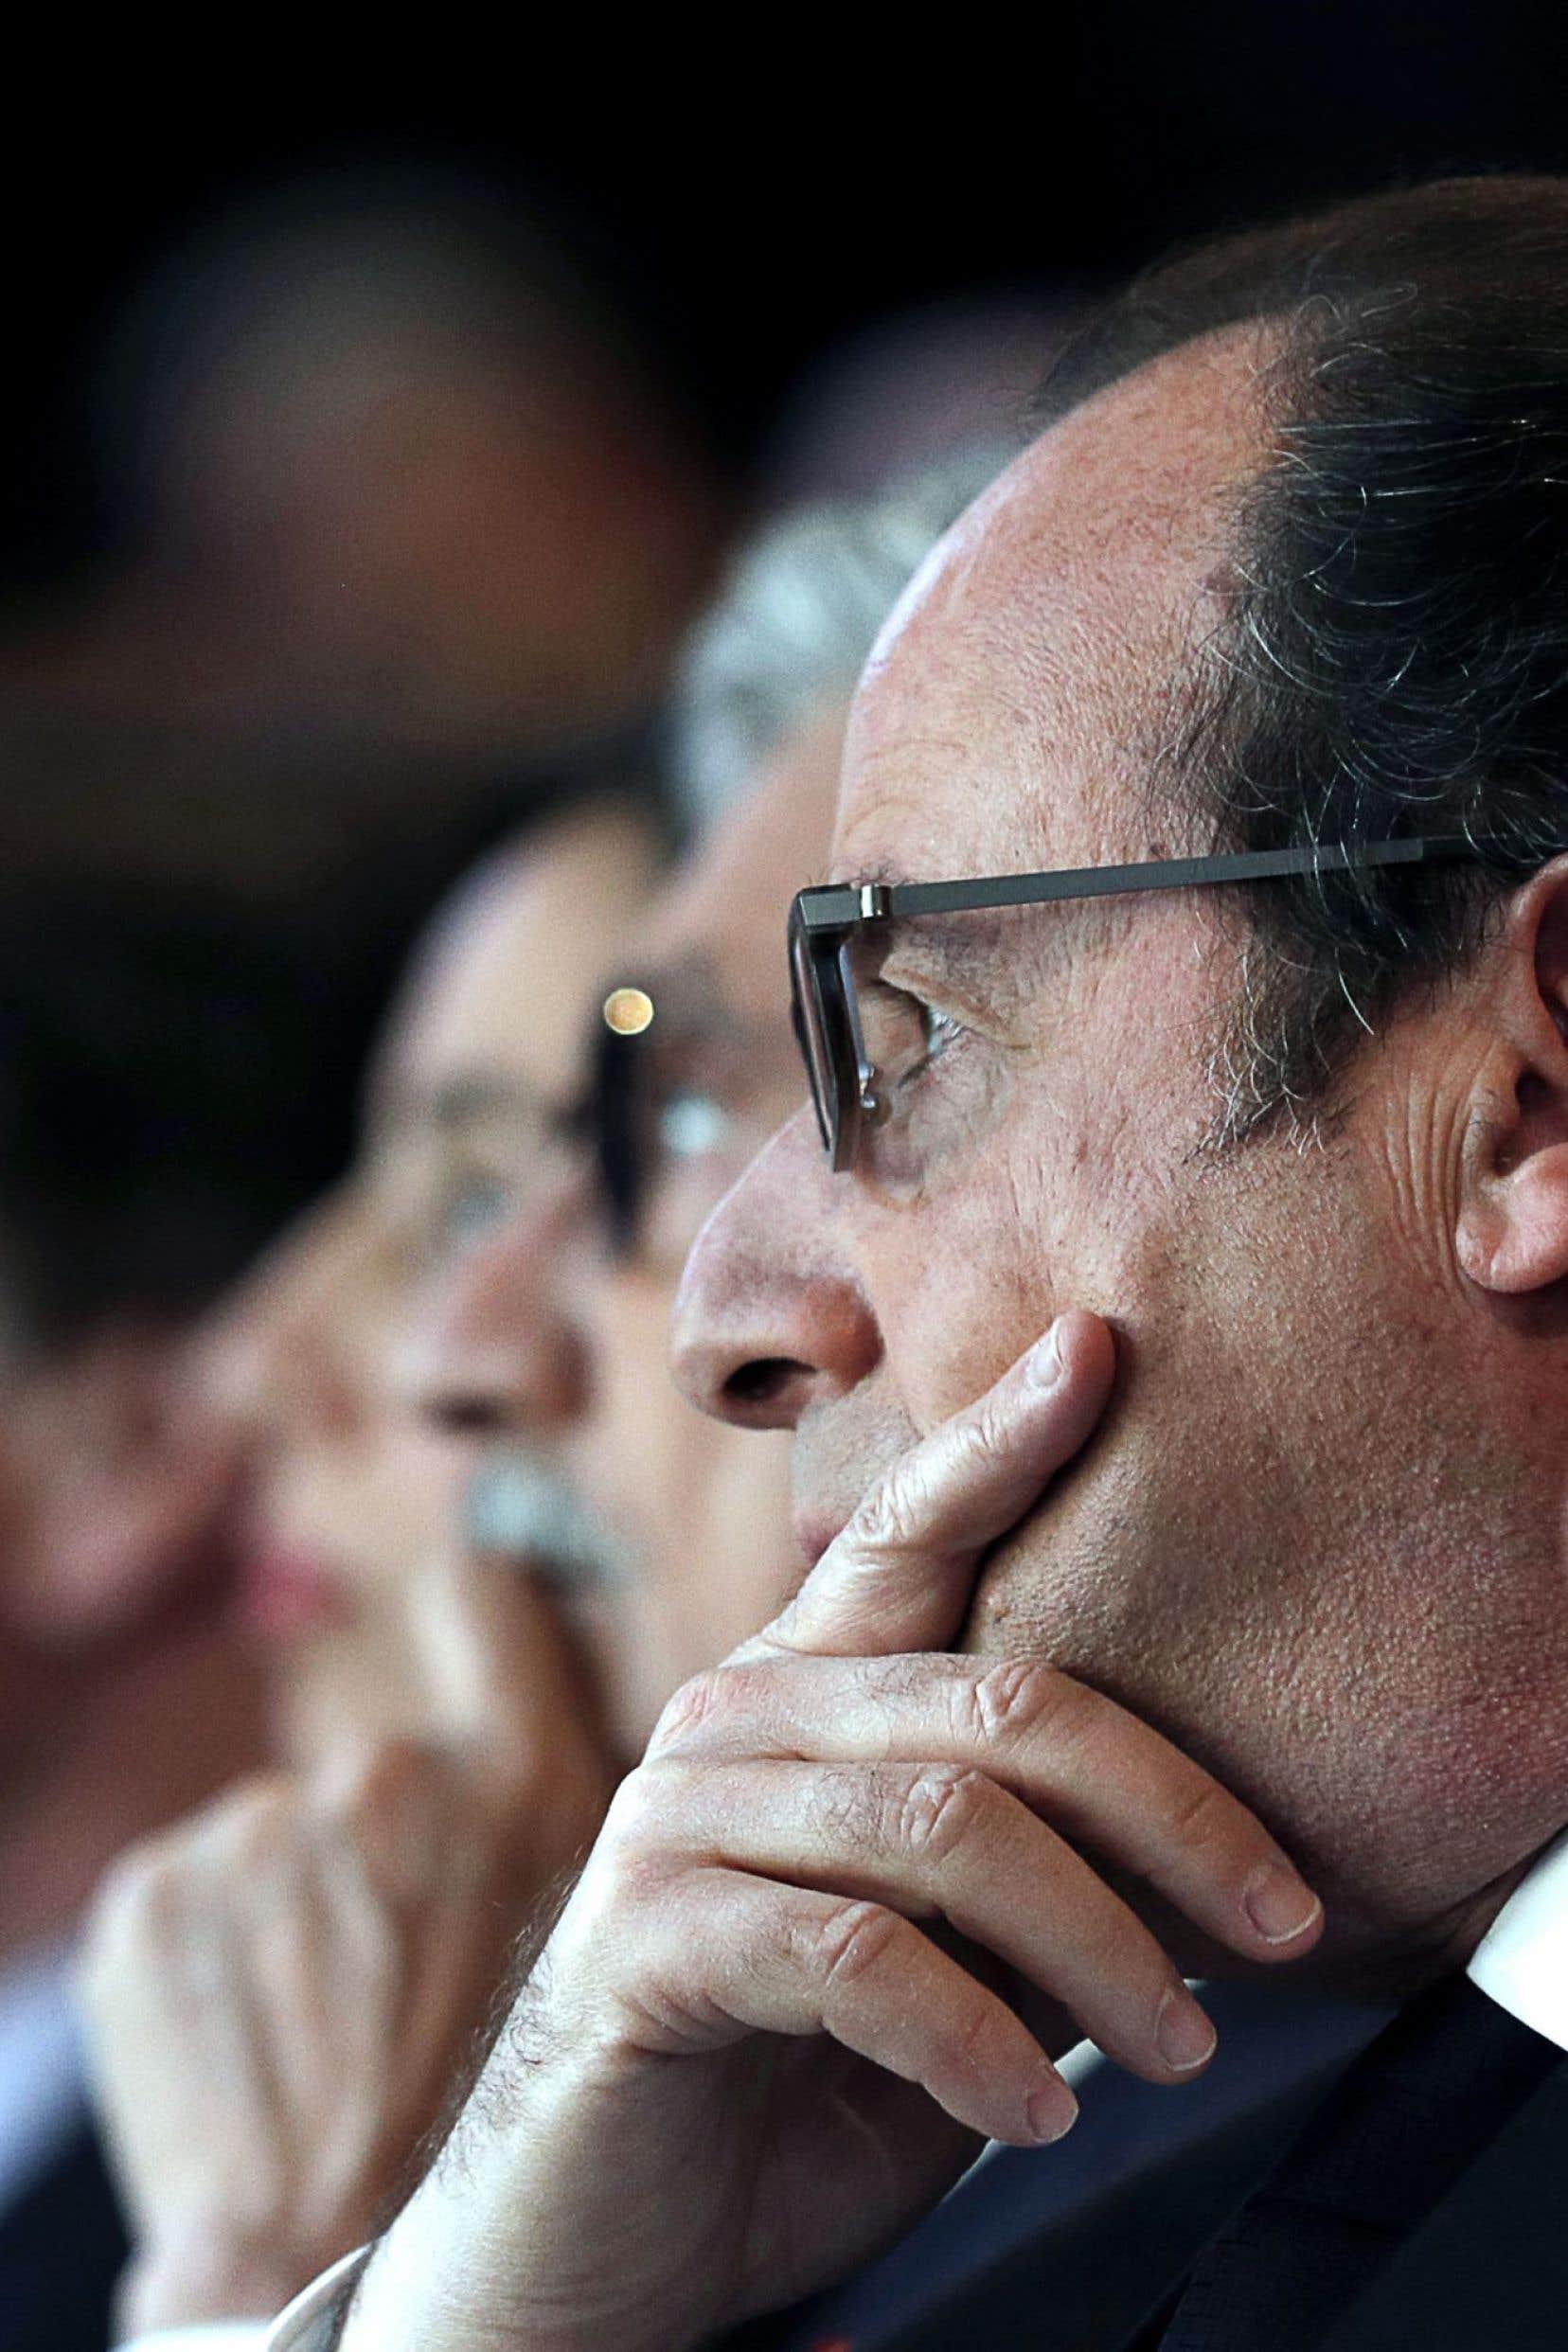 François Hollande pourra-t-il se porter candidat du Parti socialiste à la présidentielle? Devant ses difficultés, on assiste depuis deux semaines à une étonnante libération de la parole à gauche.